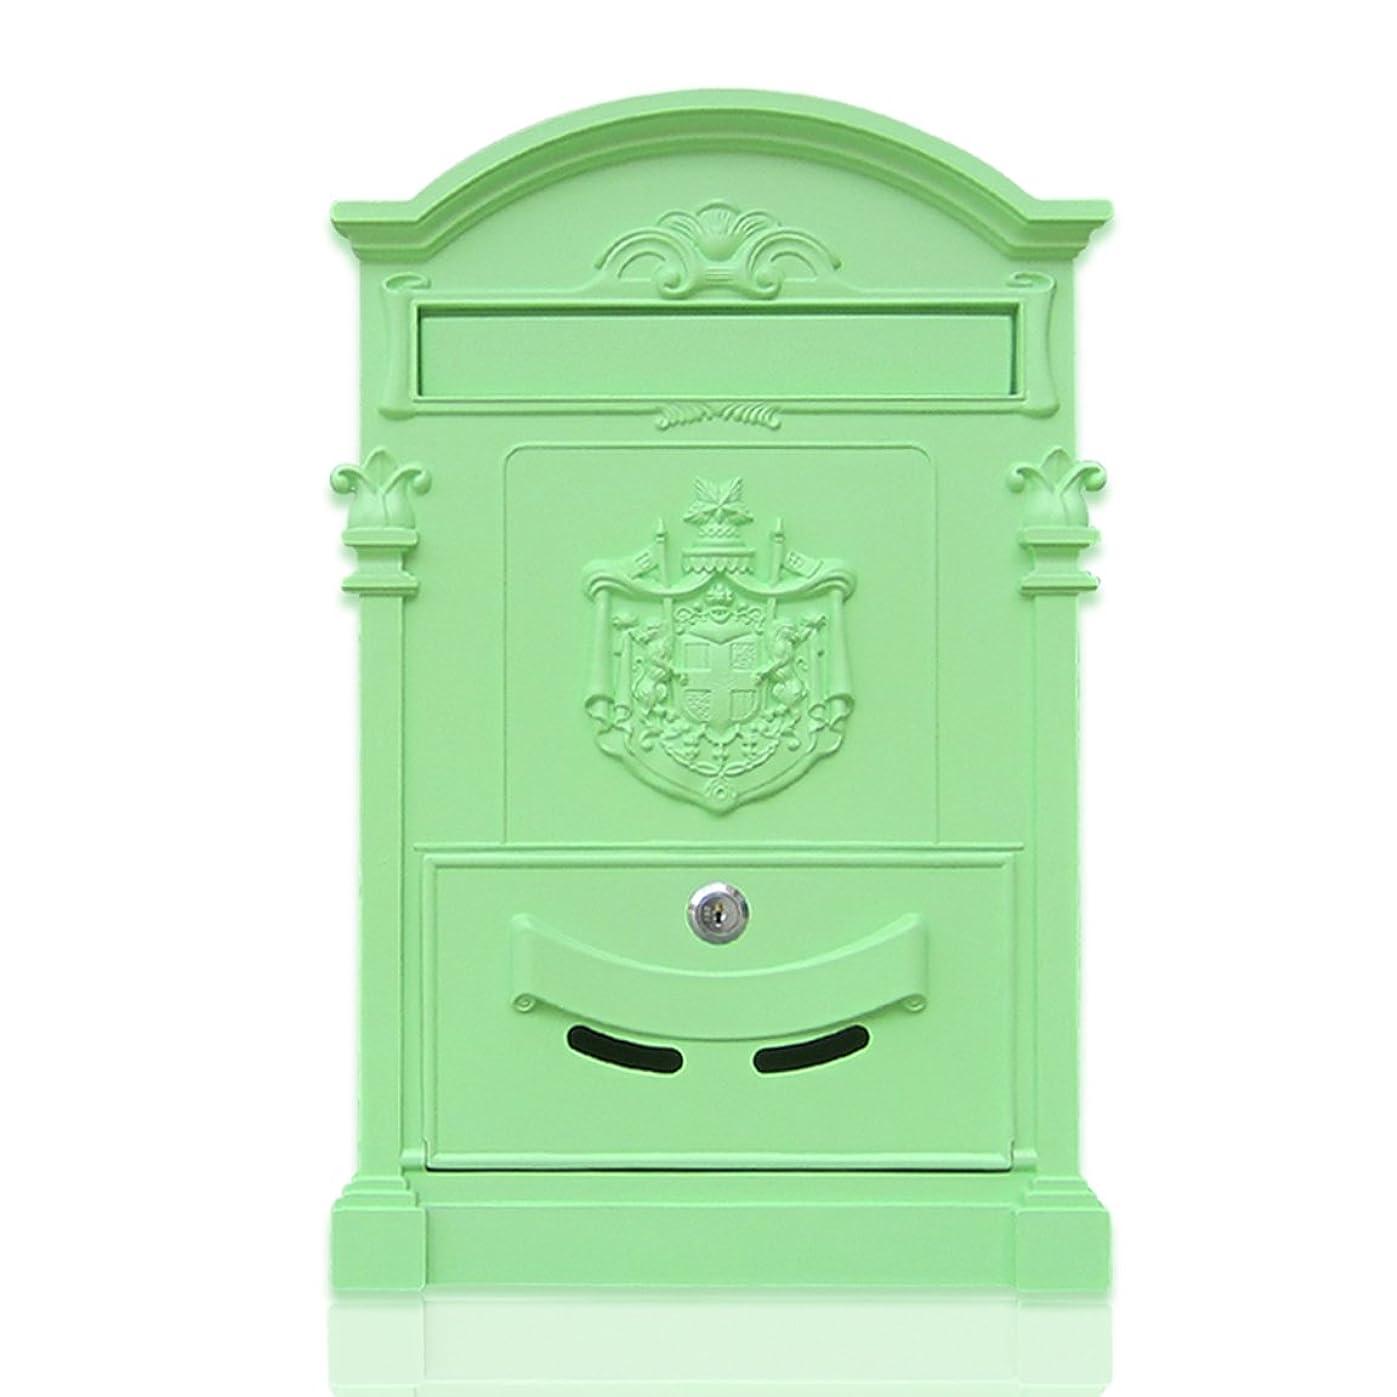 インセンティブ栄養当社HZBb ヨーロッパスタイルのヴィラ郵便受け屋外アンティークウォールタイプのメールボックス、壁の装飾、緑茶緑